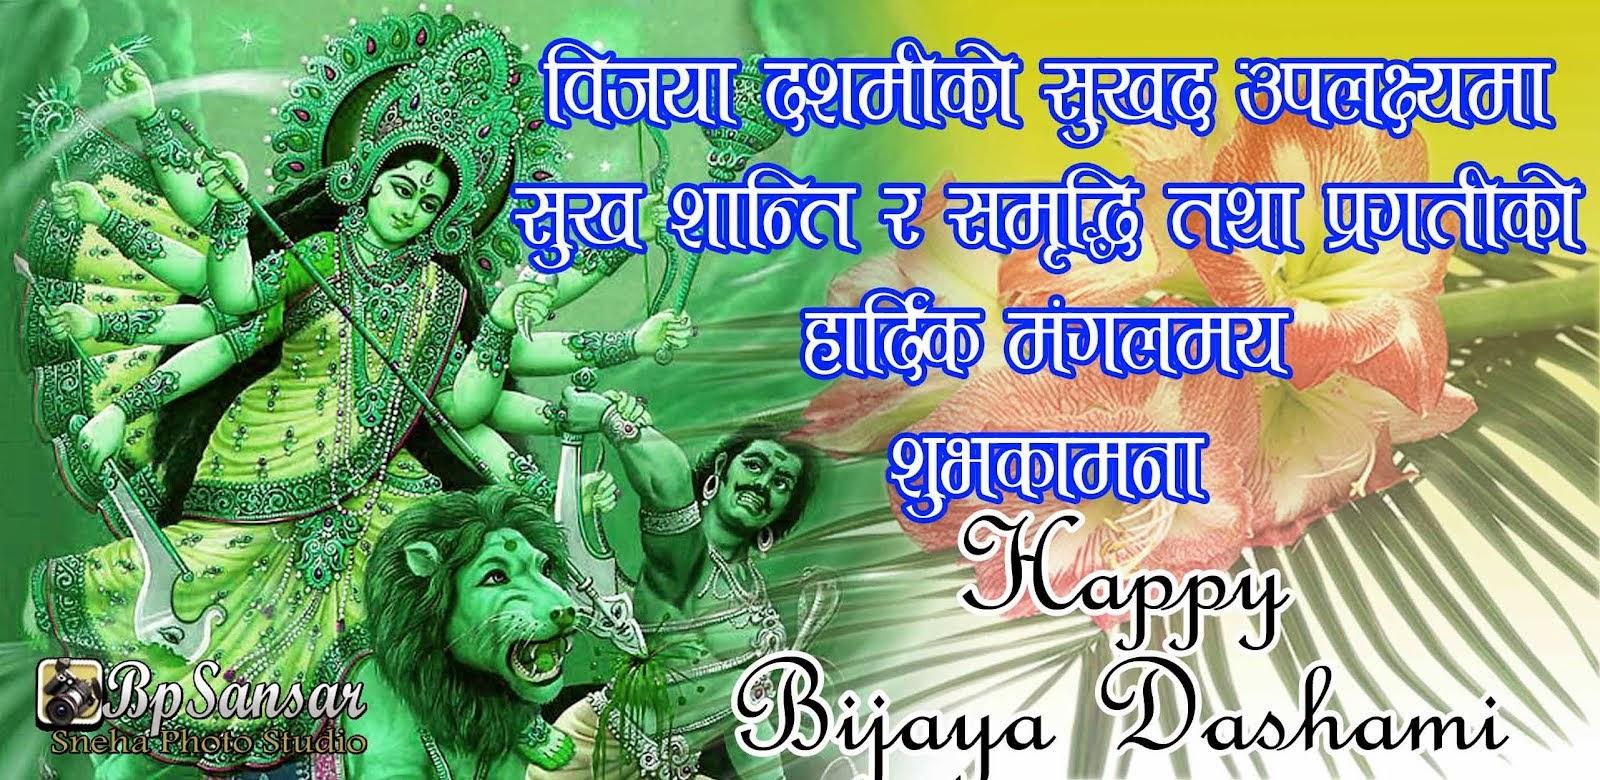 Rajiv kumar yadav dashain greeting cards wallpapers 2014happy dashain greeting cards wallpapers 2014happy dashain 2071 greetings and wallpapers 2014 m4hsunfo